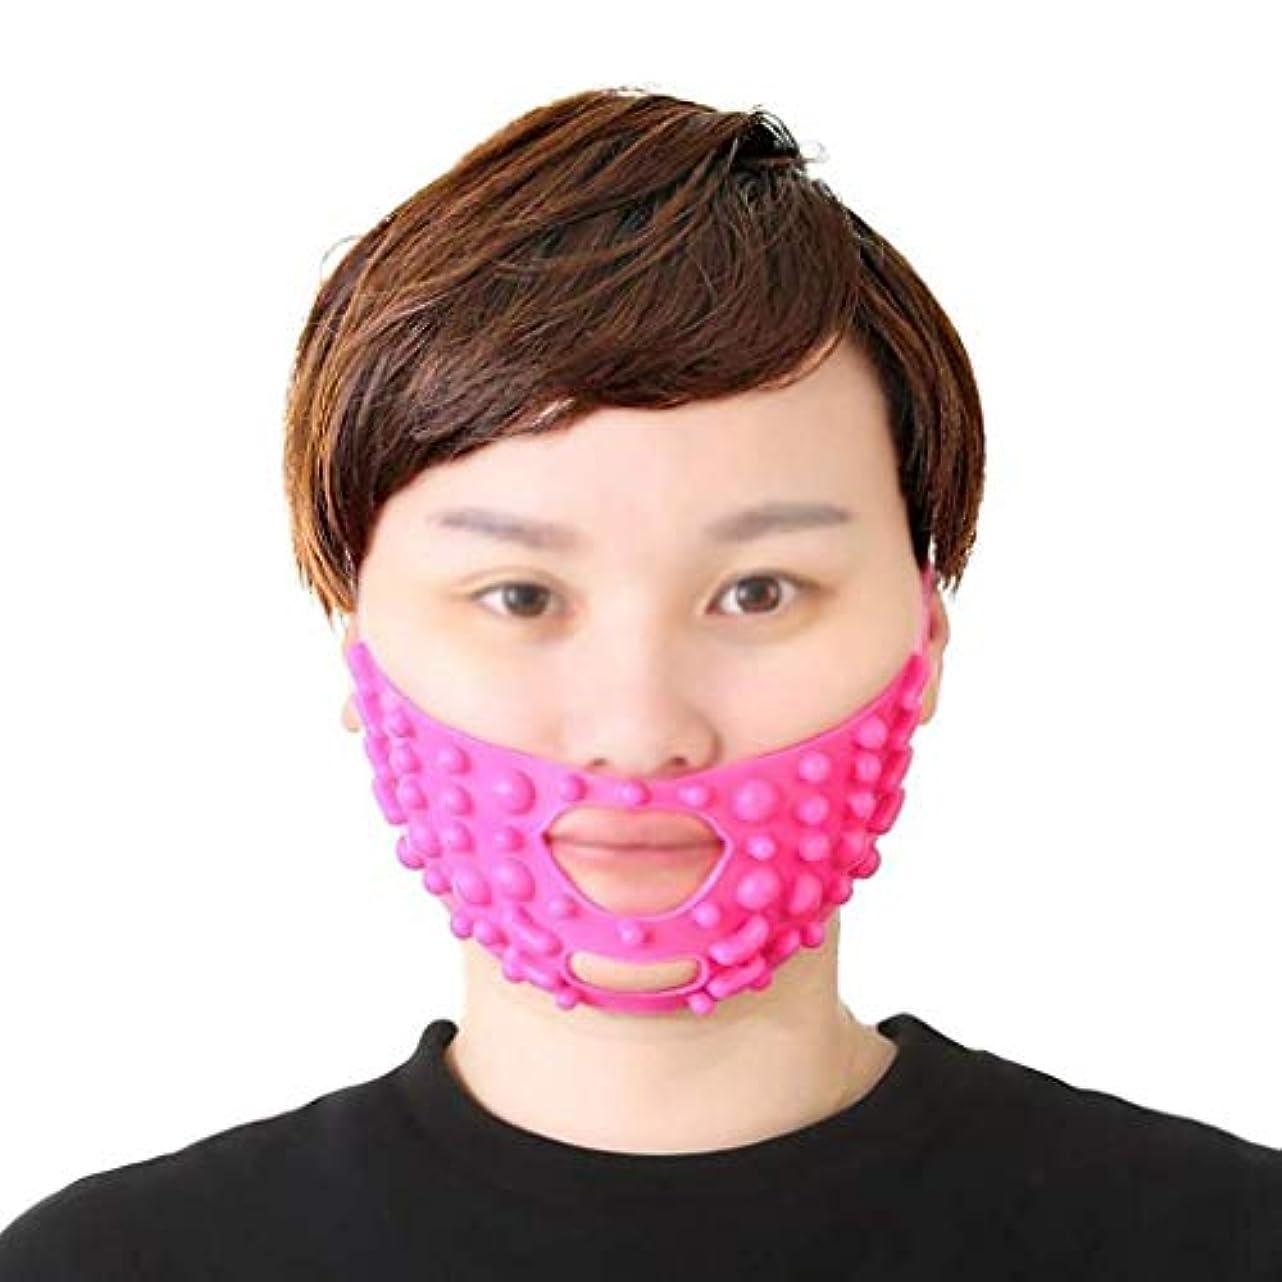 堀矛盾贅沢フェイスリフトマスク、チンストラップシリコーンVフェイスマスクフェイスマスク強力な包帯V顔アーティファクトスモールV顔包帯顔と首リフトピンクシリコーン包帯